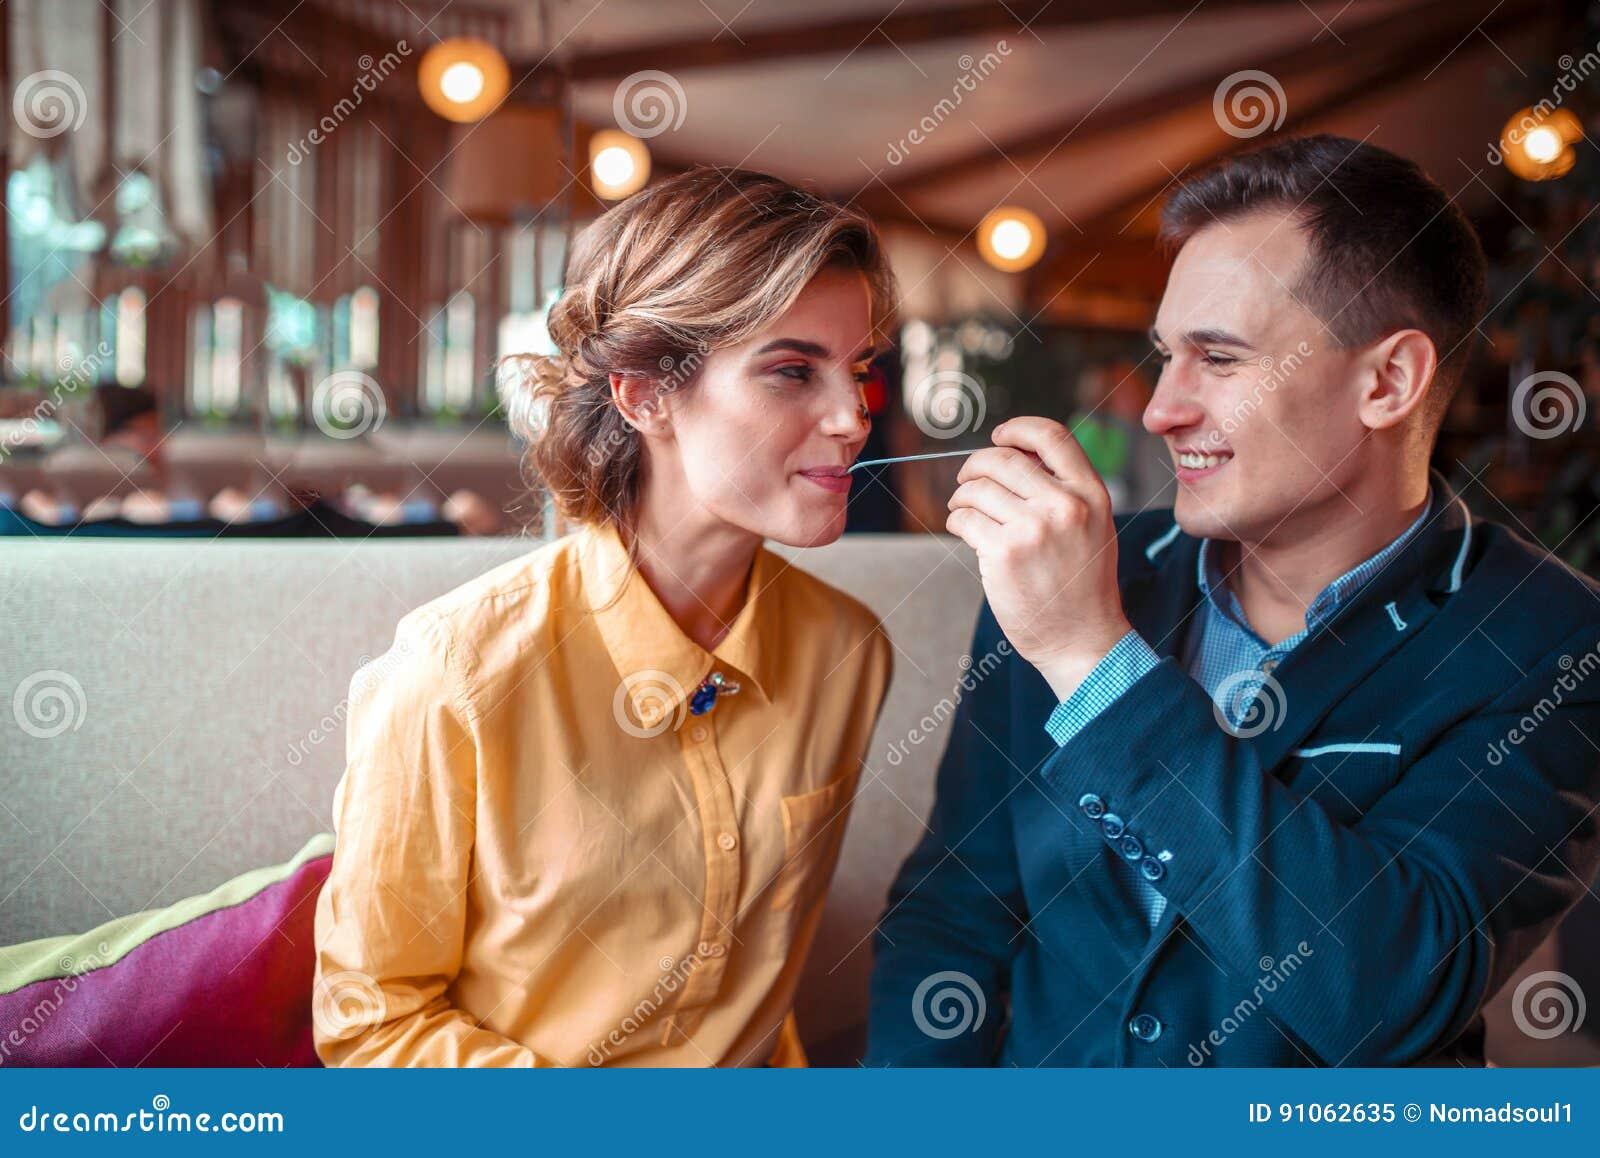 Dating met ex-vriendin